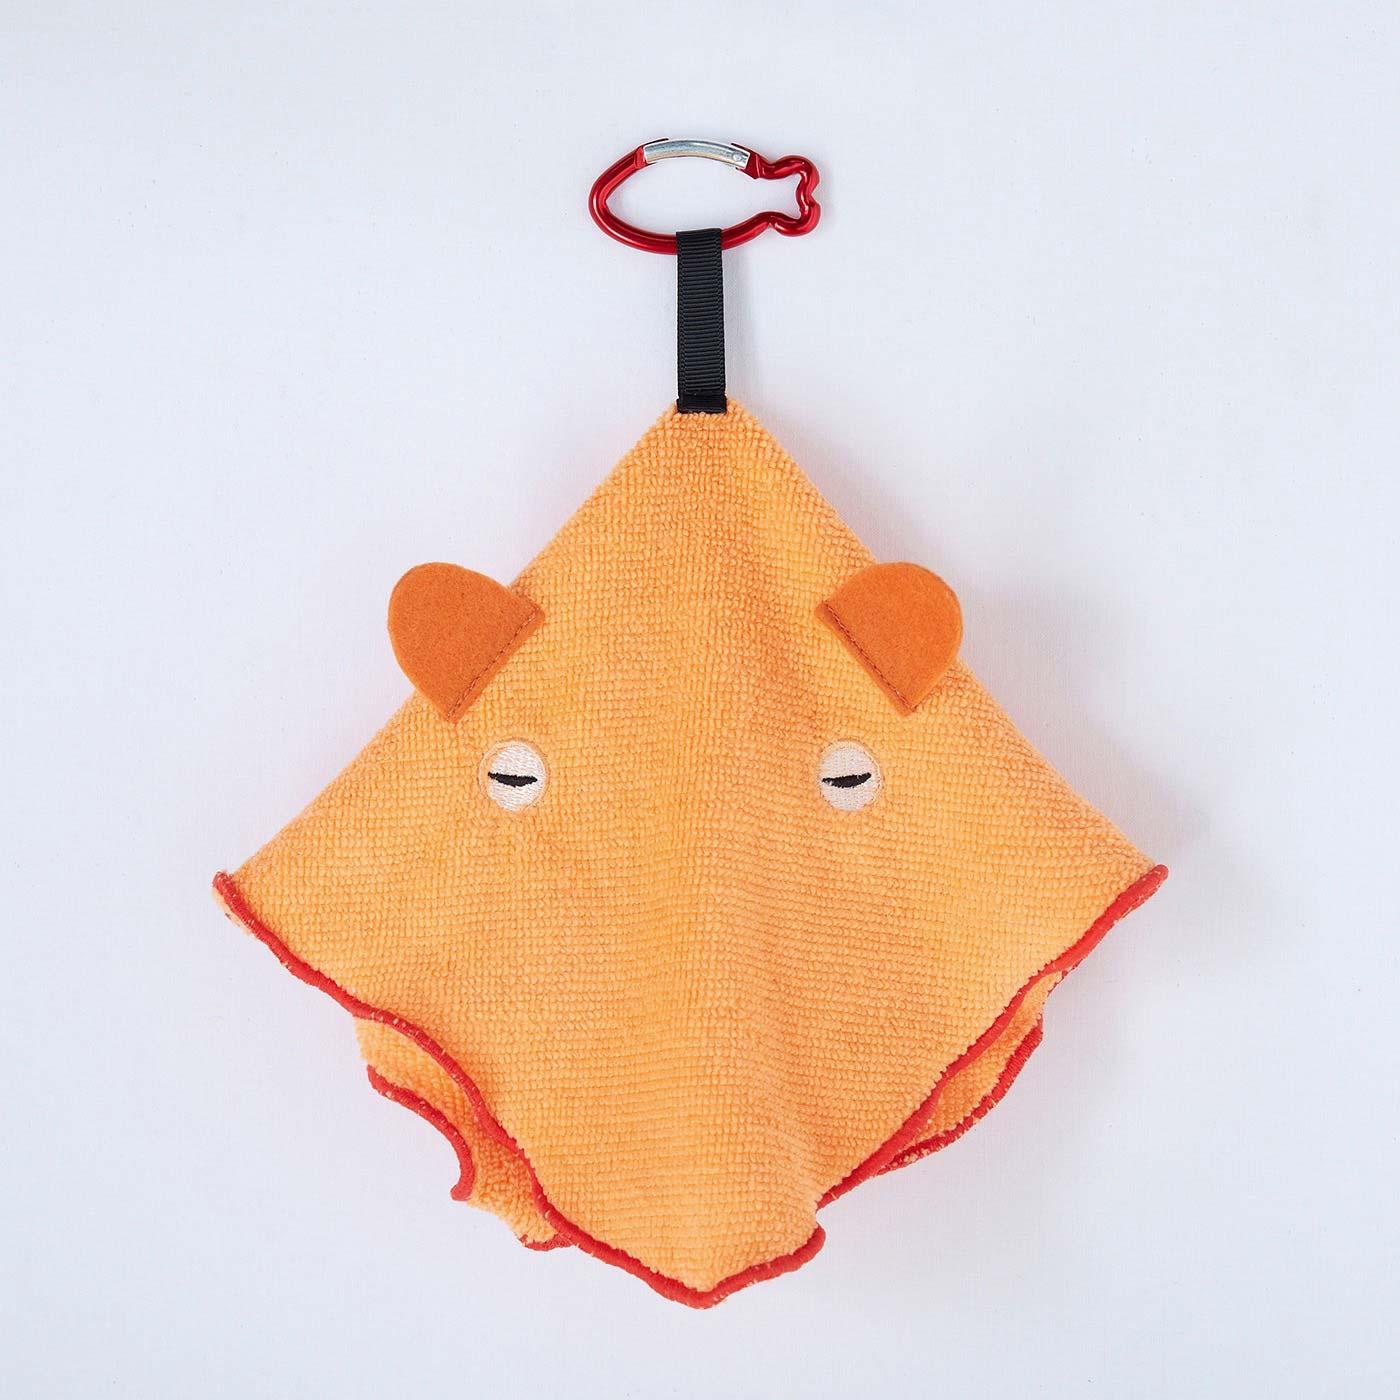 〈メンダコ〉みんな大好き! 深海で断トツの人気を誇るタコ。眠そうな目とオレンジ色のからだが特徴。